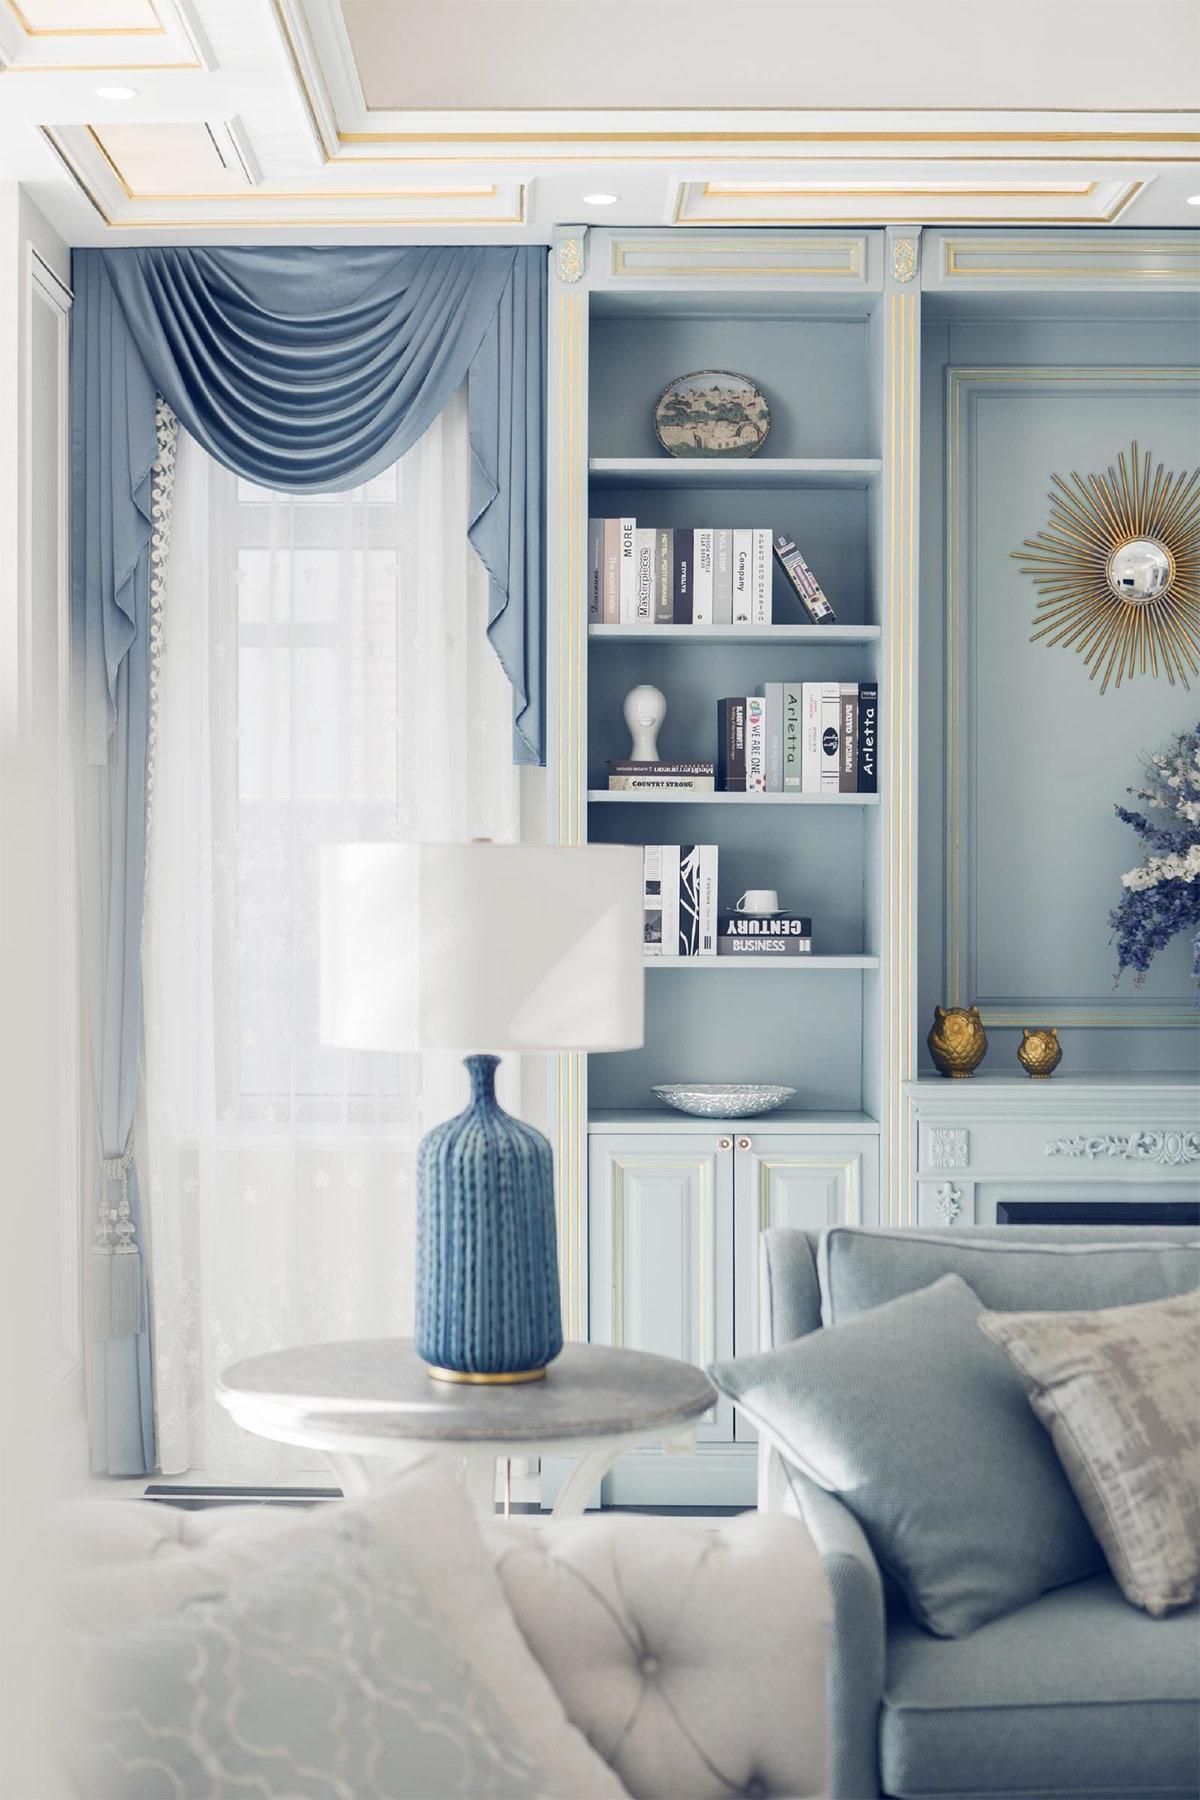 Căn hộ theo phong cách Scandinavian nhẹ nhàng lấy cảm hứng màu xanh lam